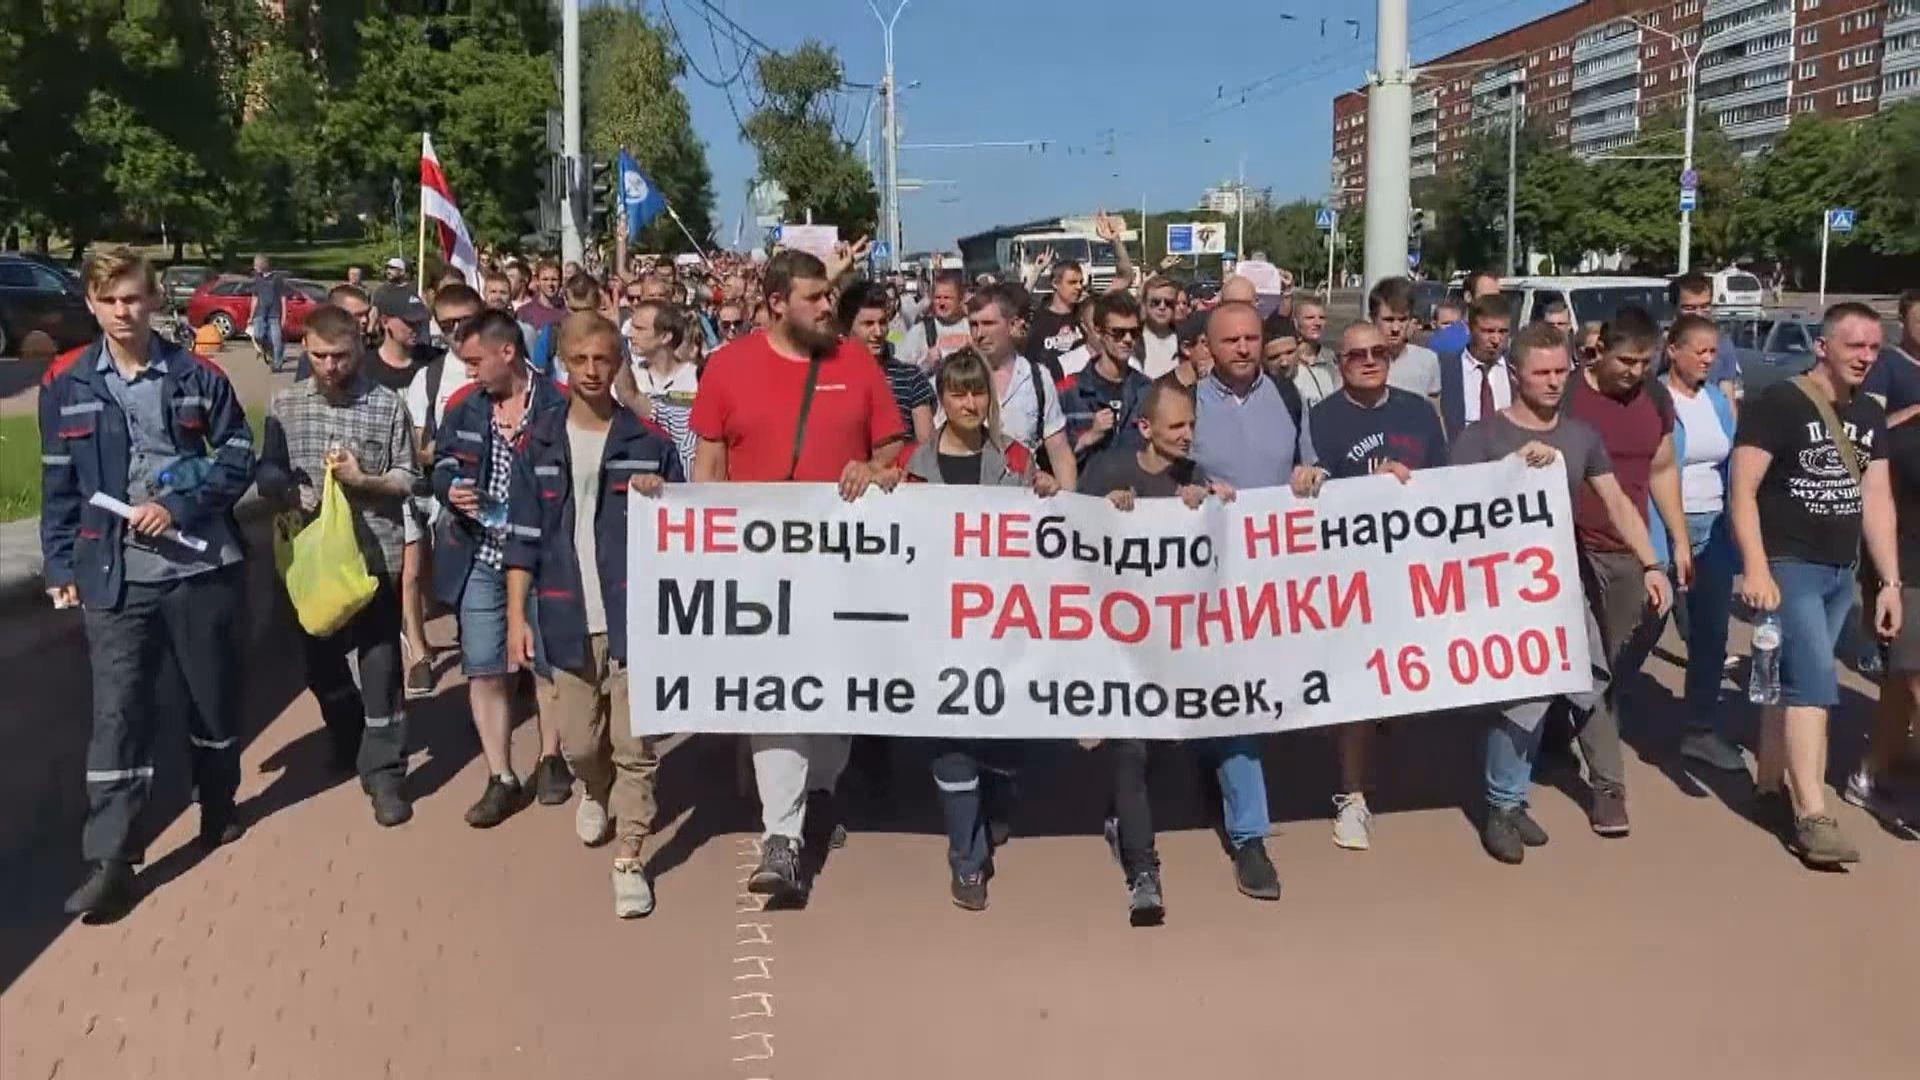 白俄羅斯有罷工抗議大選舞弊 總統態度強硬拒重新大選